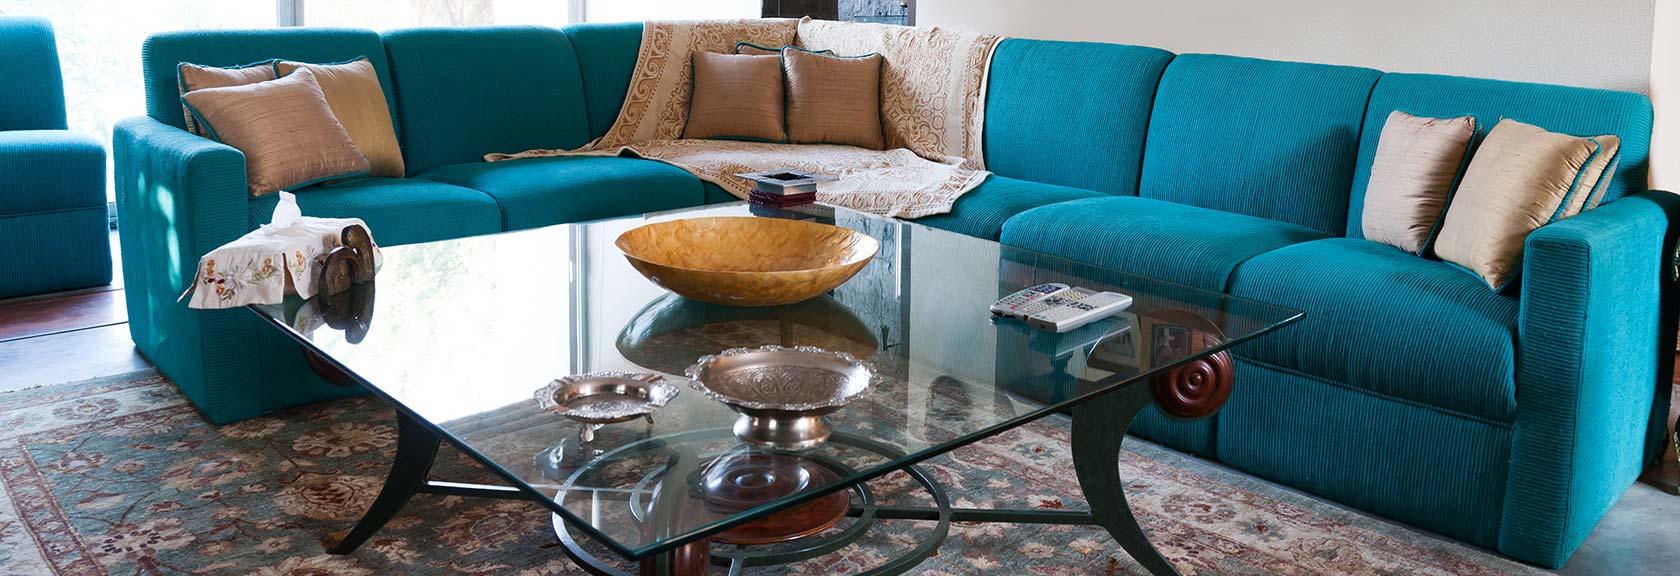 polsterm bel neu beziehen preisvergleich auf 11880. Black Bedroom Furniture Sets. Home Design Ideas